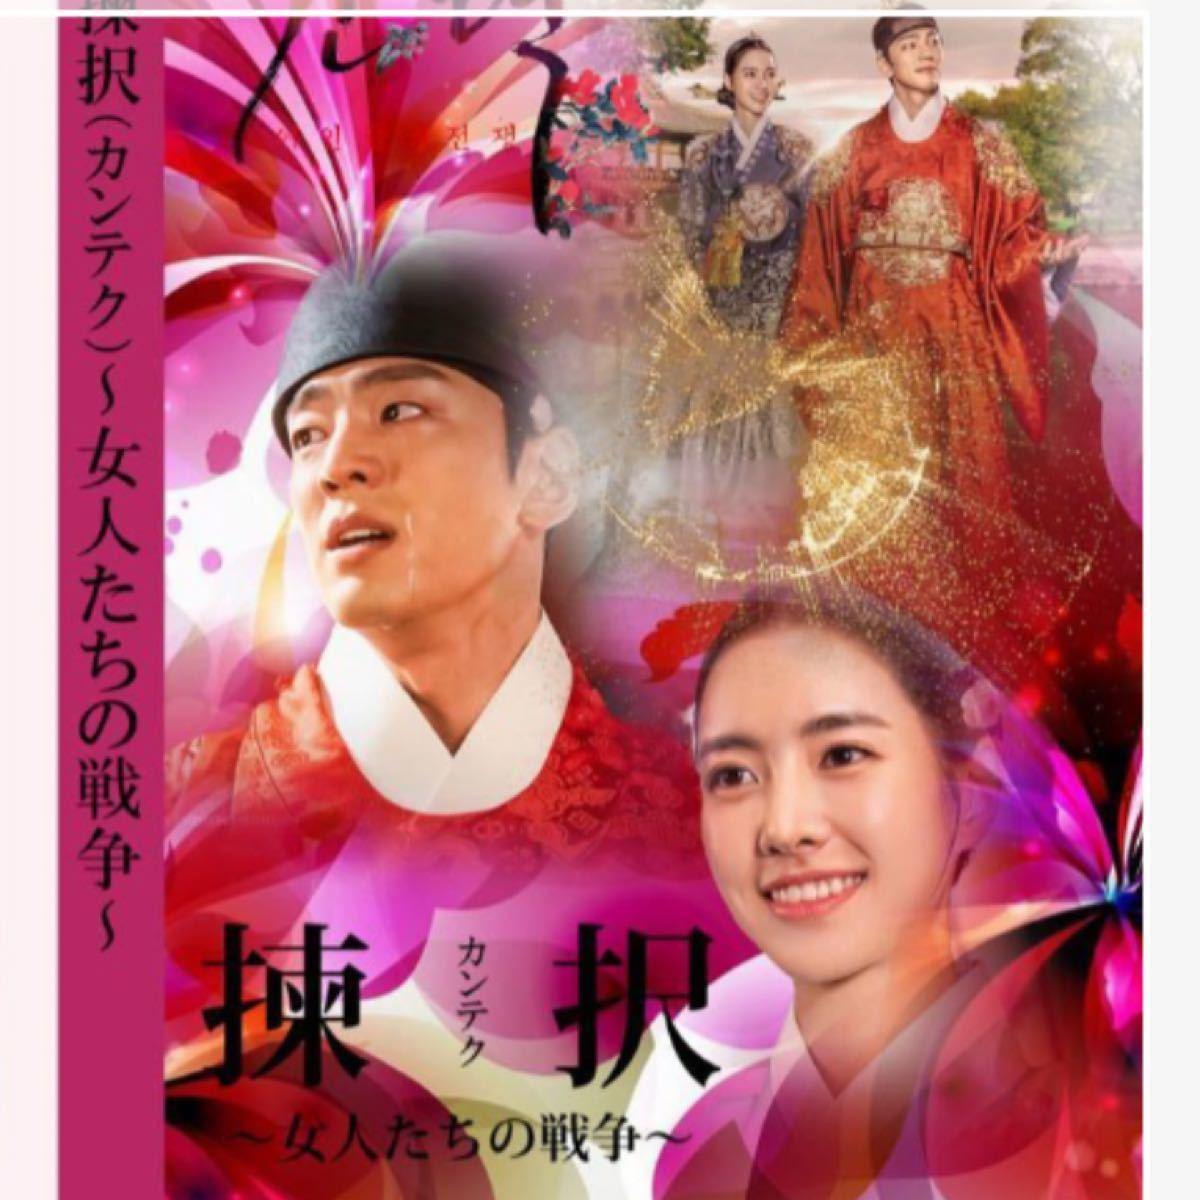 ※特別価格※ ☆韓国ドラマ☆『カンテクー女人たちの戦争』 Blu-ray  全話 !!